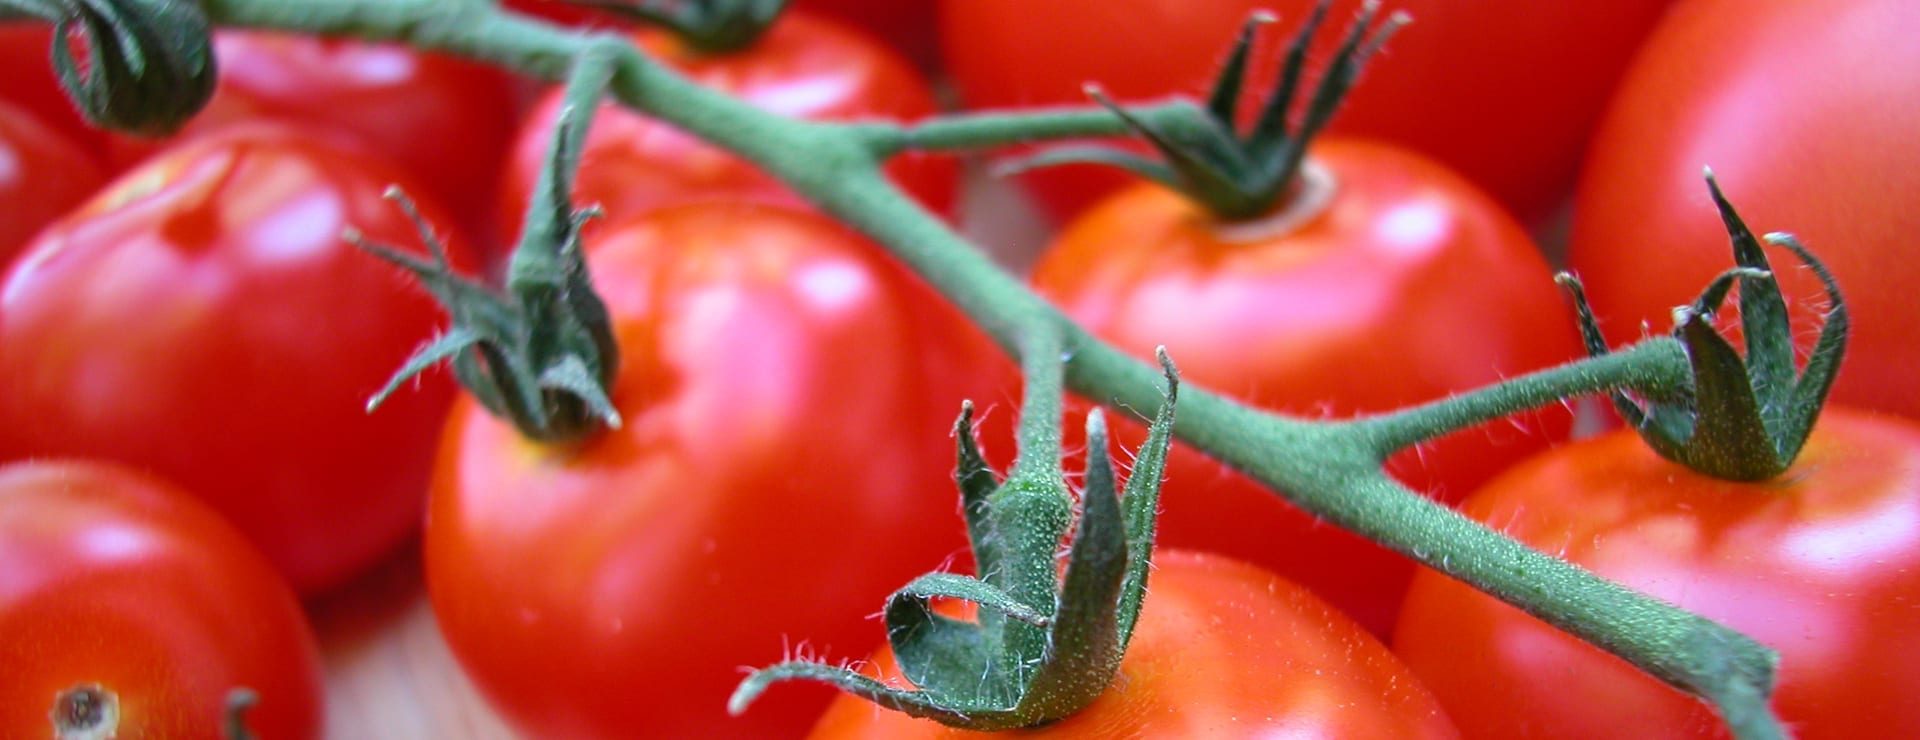 Kaikki tomaatintaimet 5 kpl 20,-